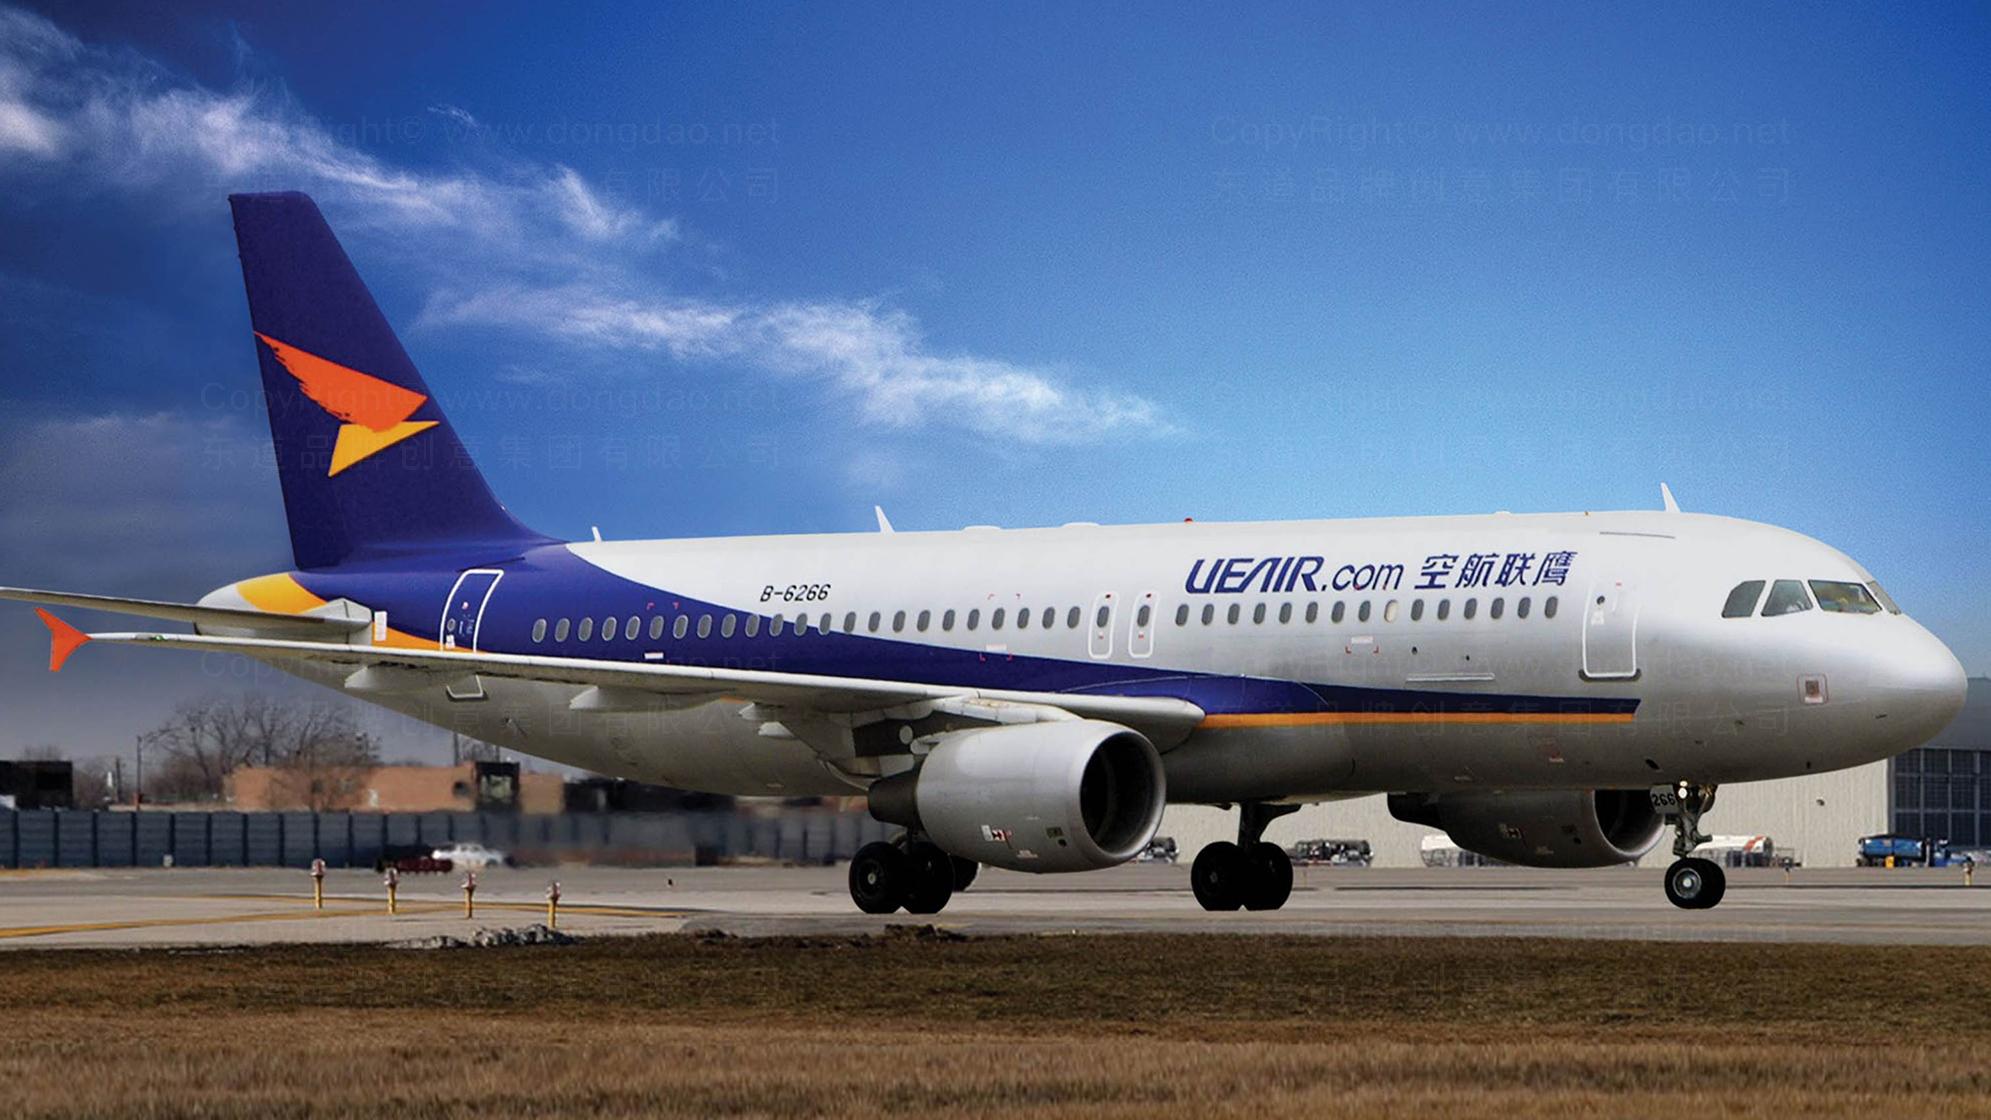 品牌设计案例鹰联航空LOGO&VI设计